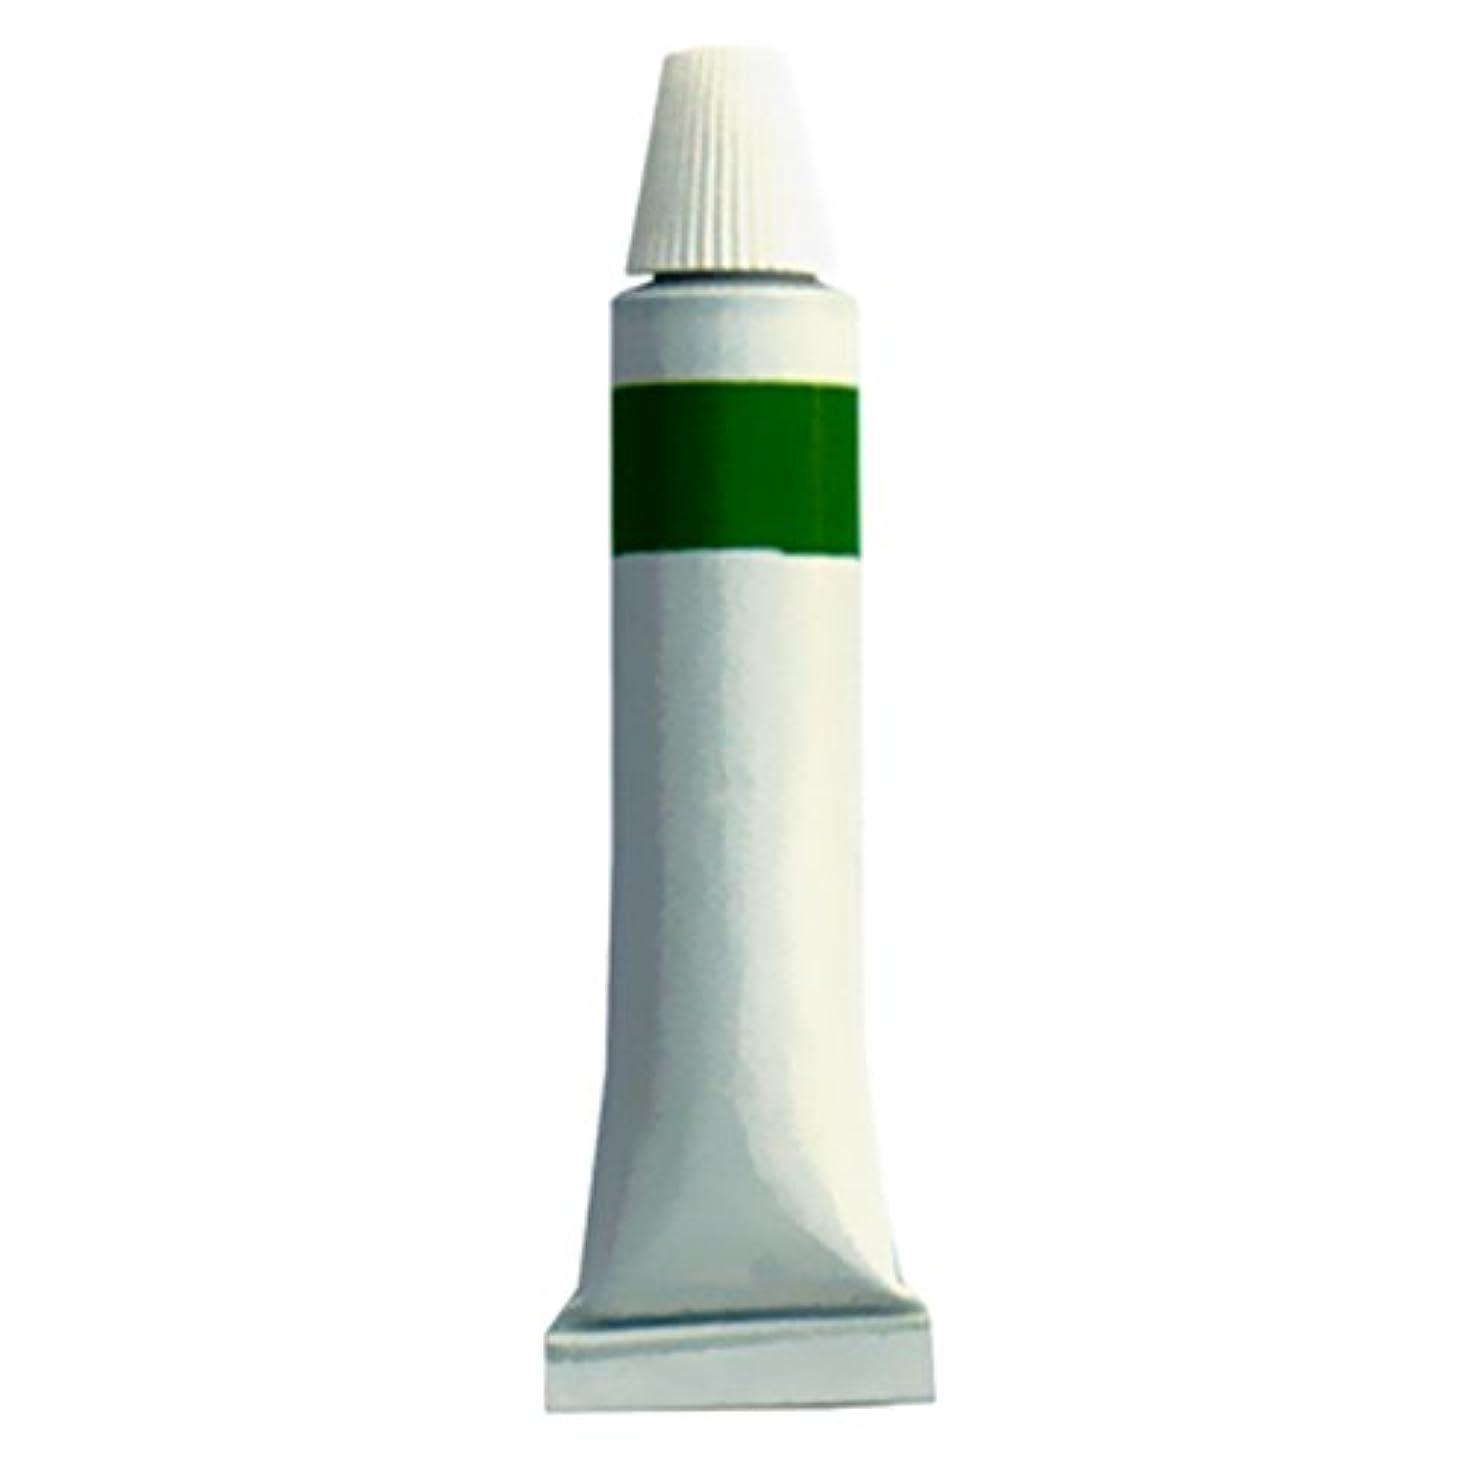 焼く加速度お風呂を持っているRAZOLUTION Sharpening grease green, for strops, with high emery-content